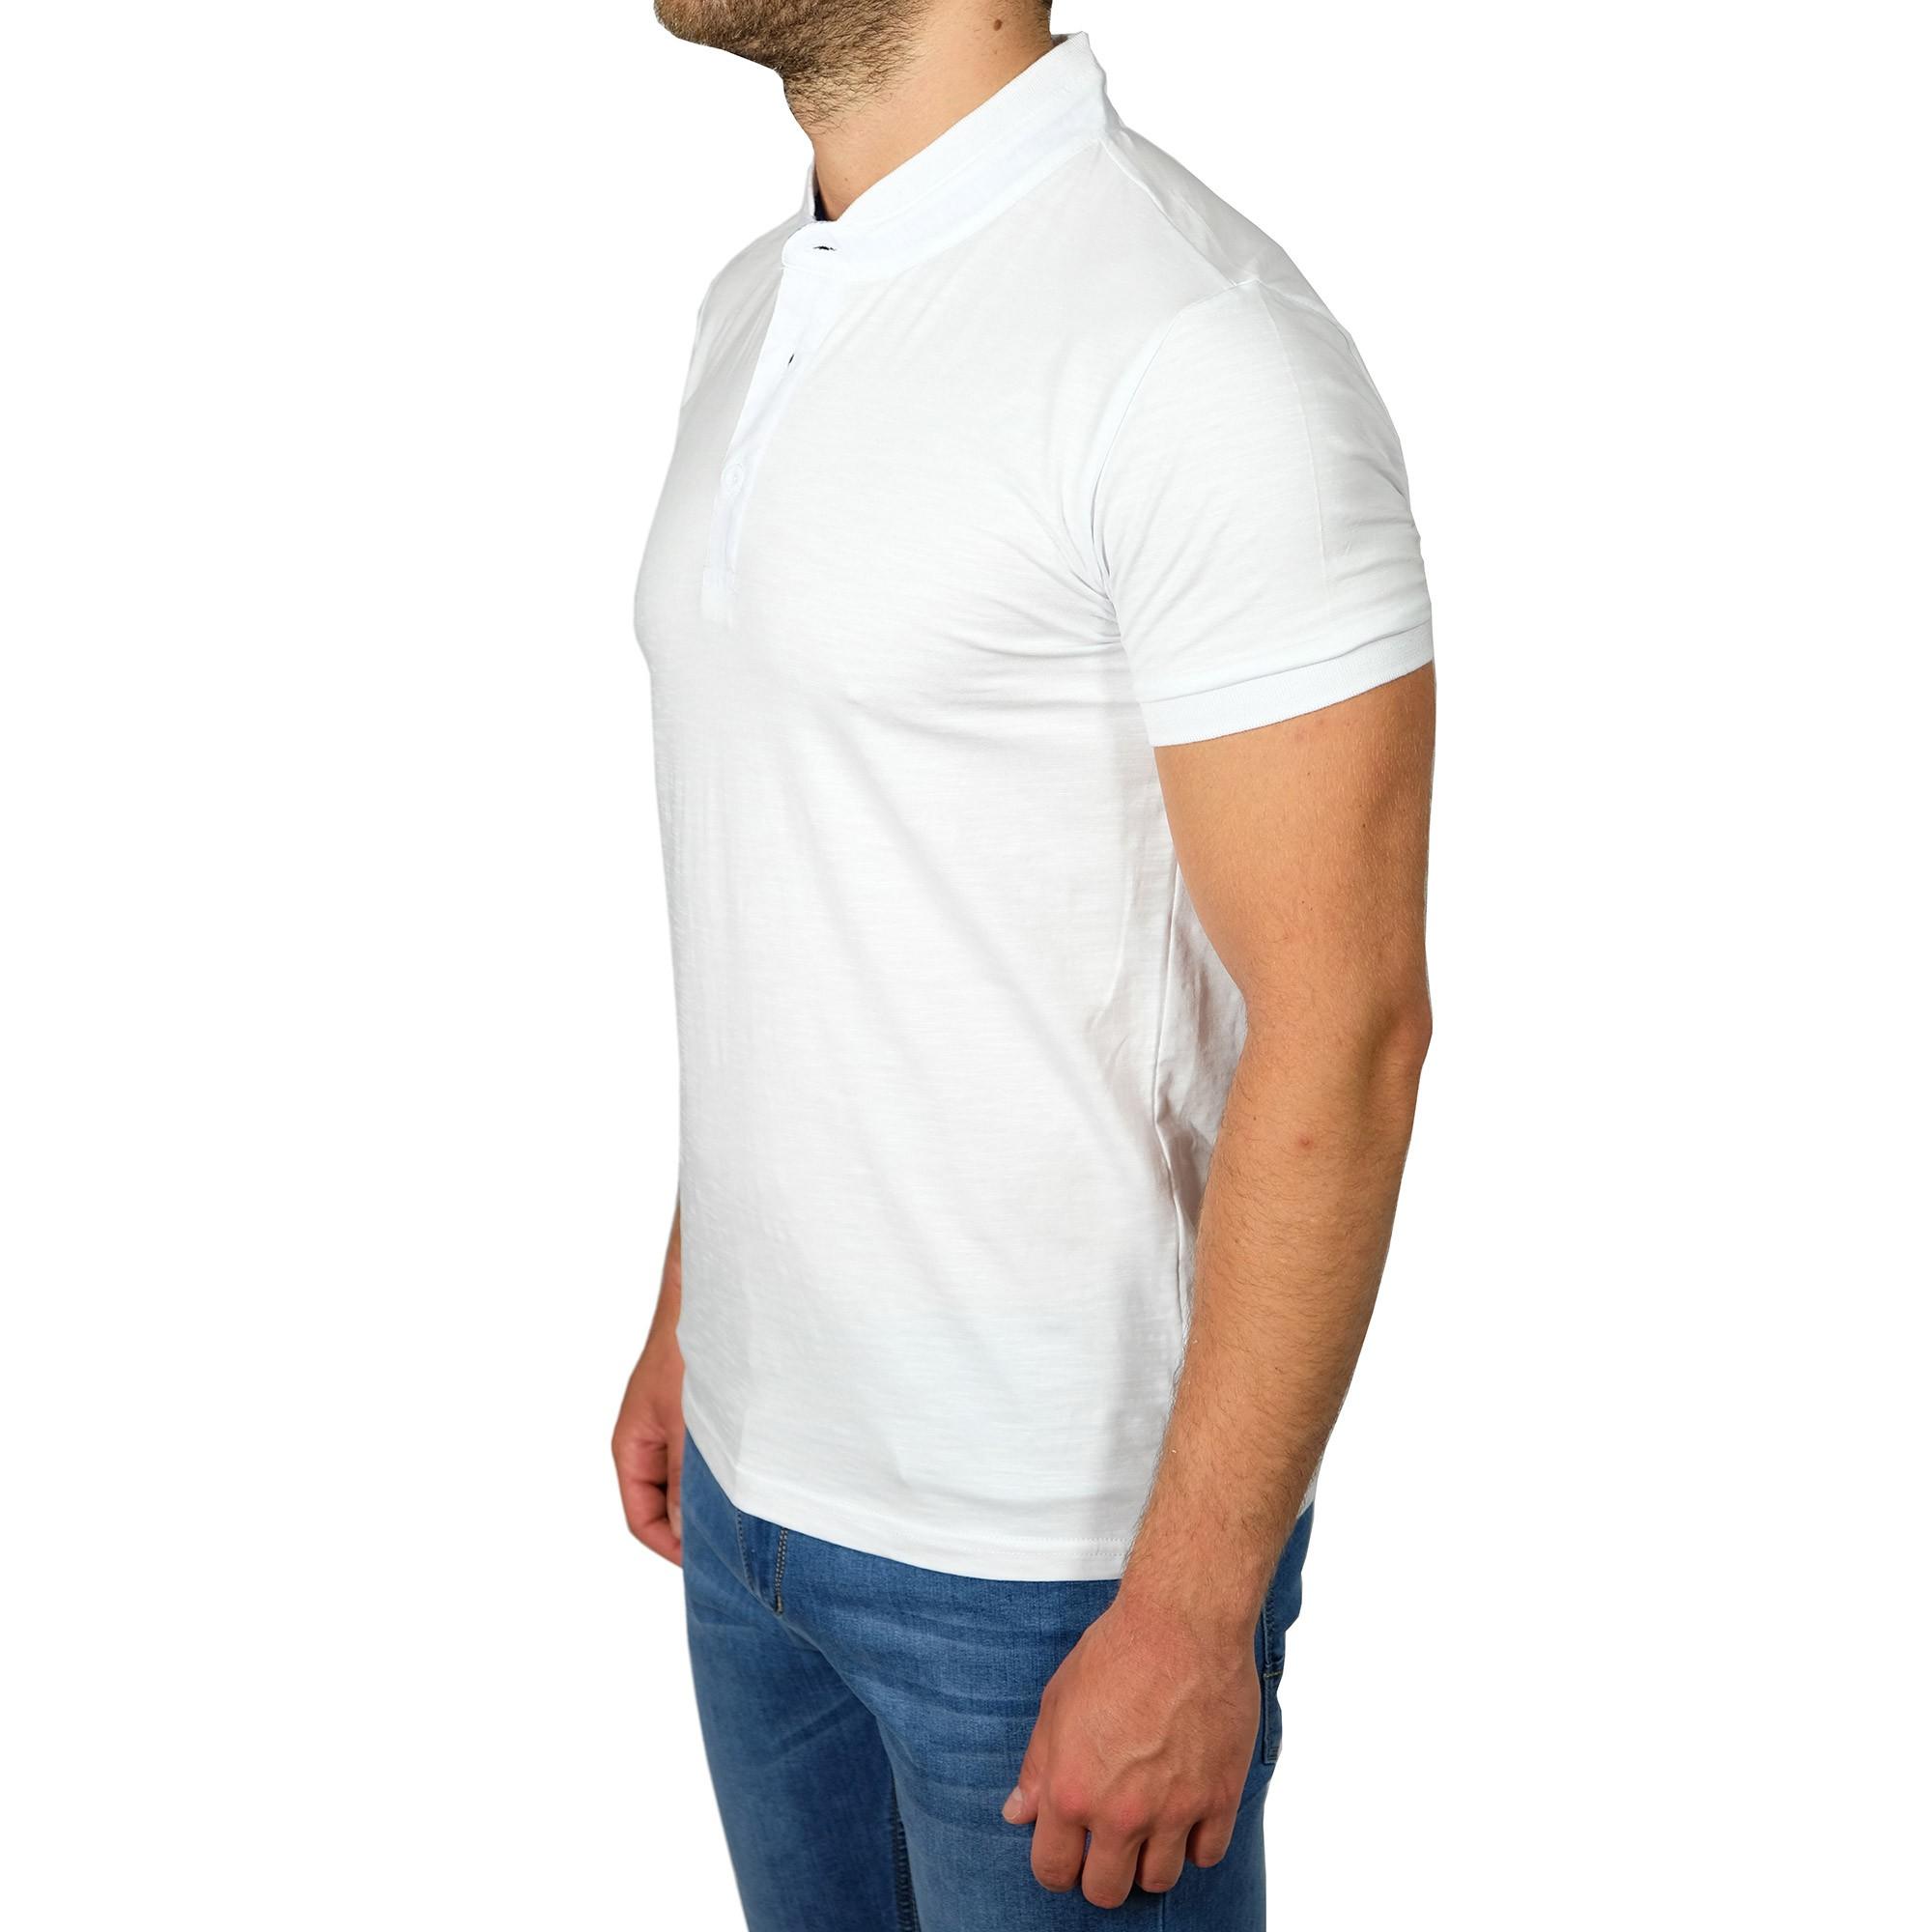 Polo-Uomo-Manica-Corta-Slim-Fit-T-shirt-Cotone-Collo-Coreana-Maglia-Maglietta miniatura 12